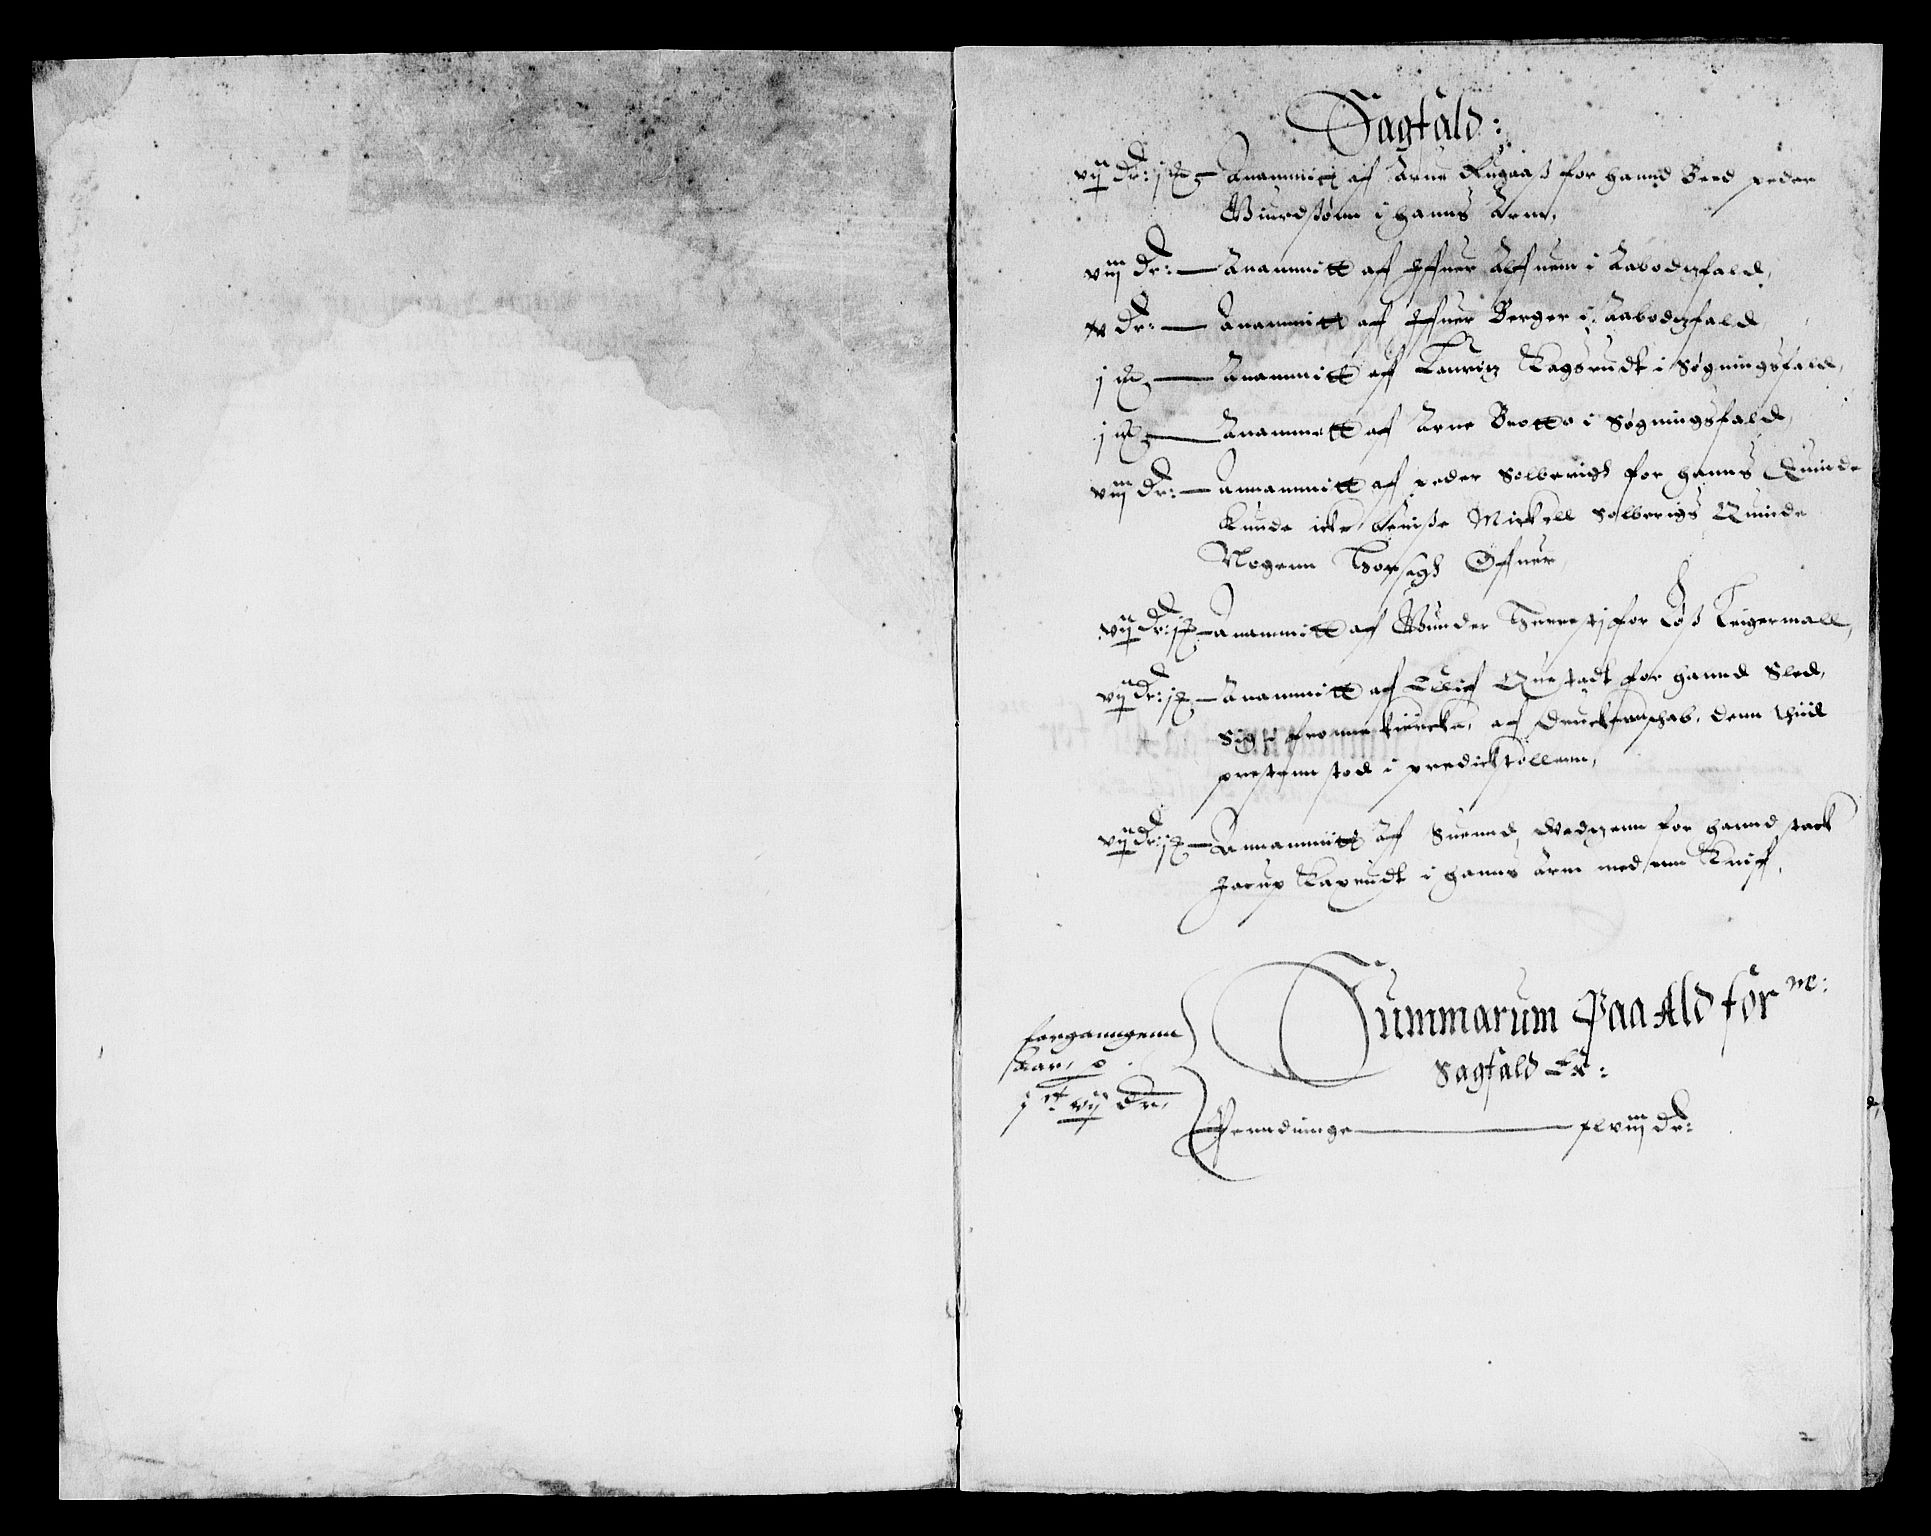 RA, Rentekammeret inntil 1814, Reviderte regnskaper, Lensregnskaper, R/Rb/Rba/L0042: Akershus len, 1617-1618